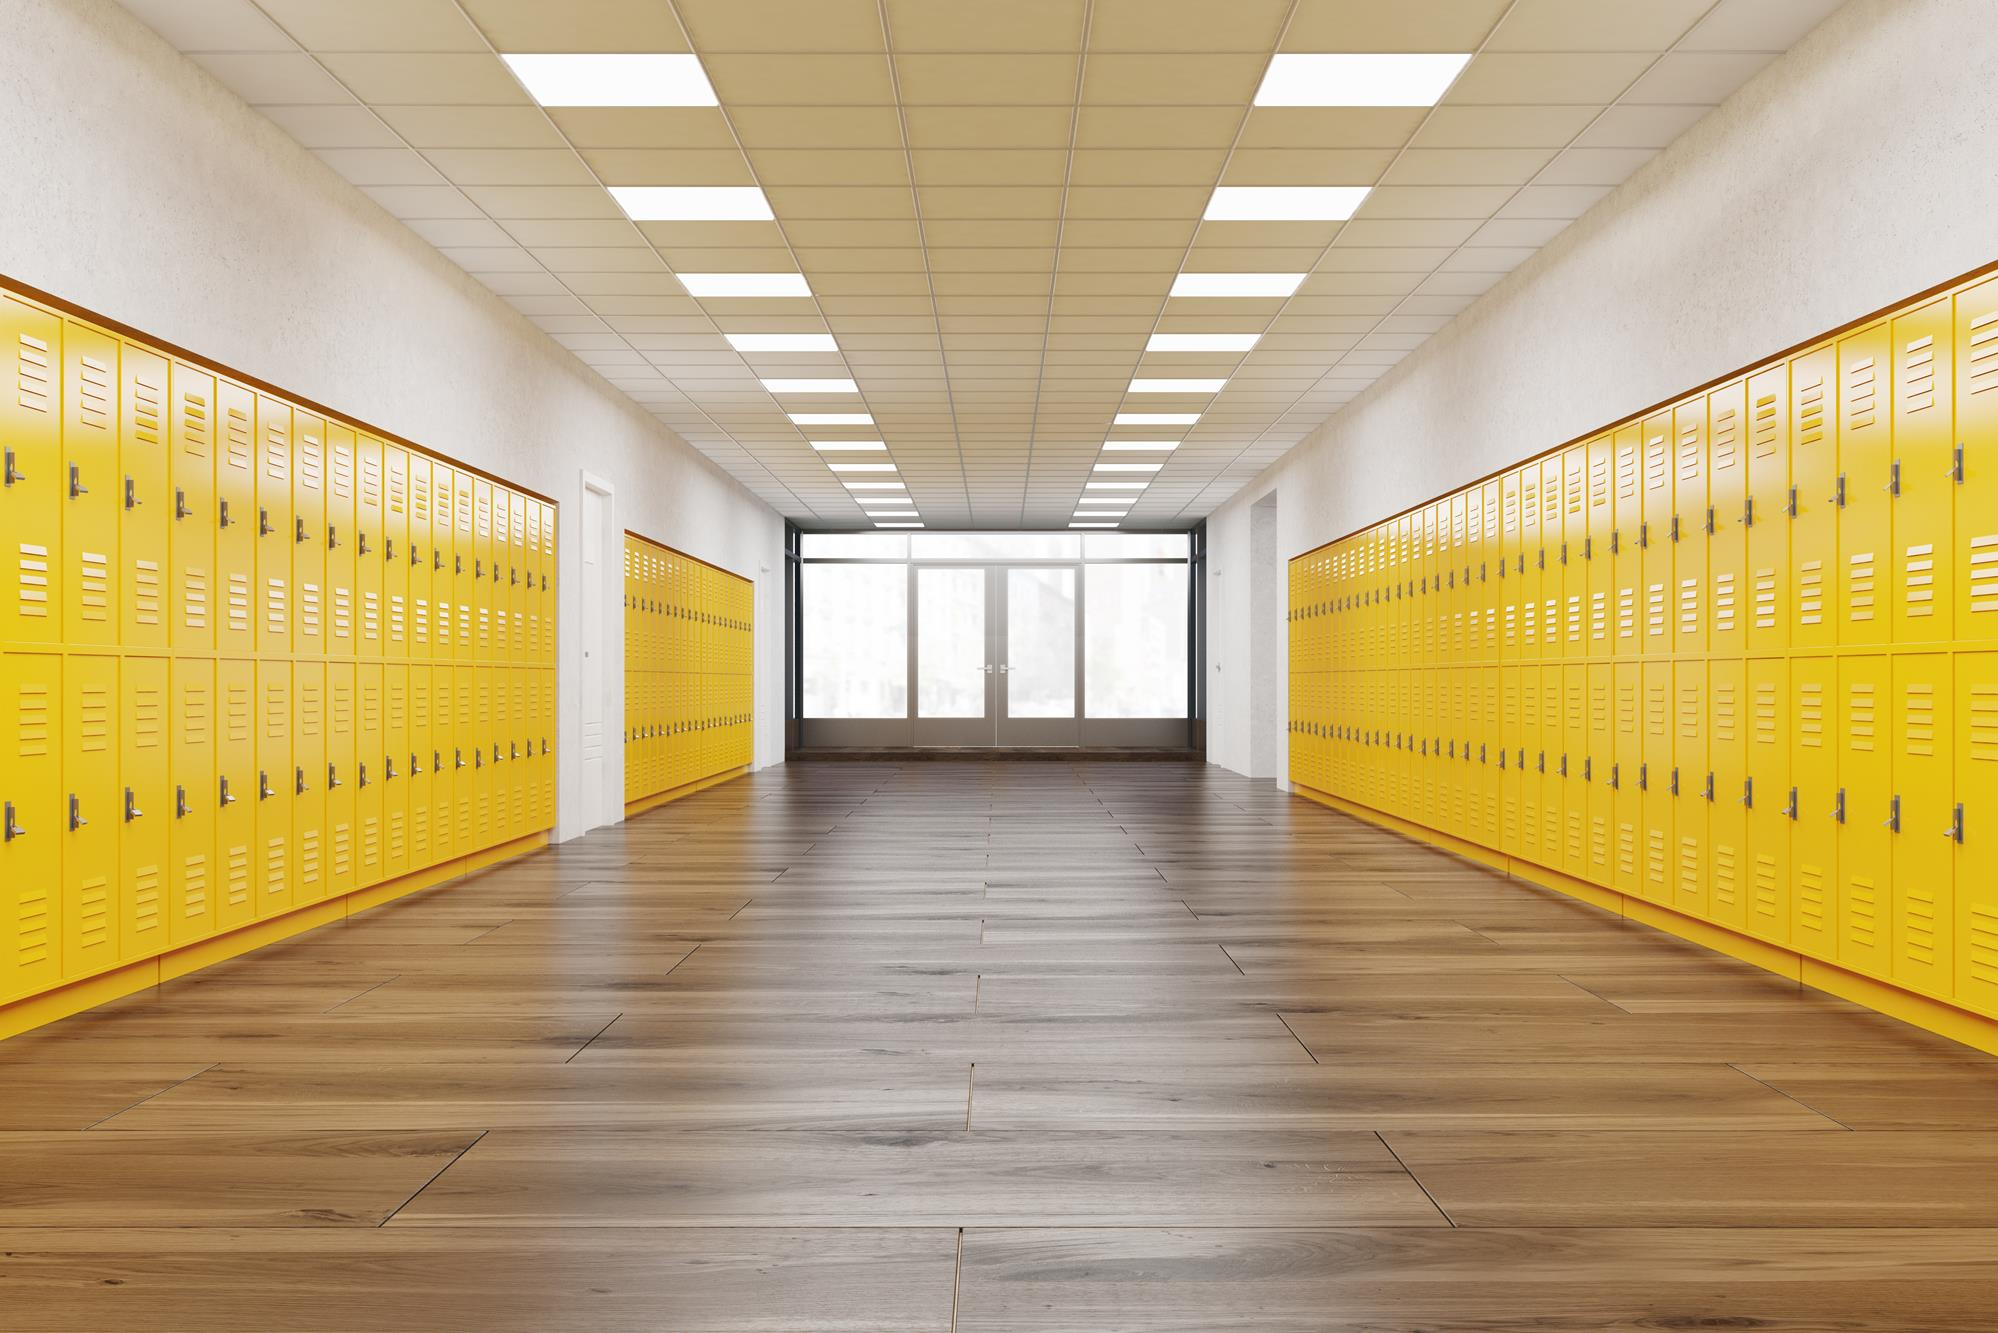 Korytarz szkolny z metalowymi szafkami